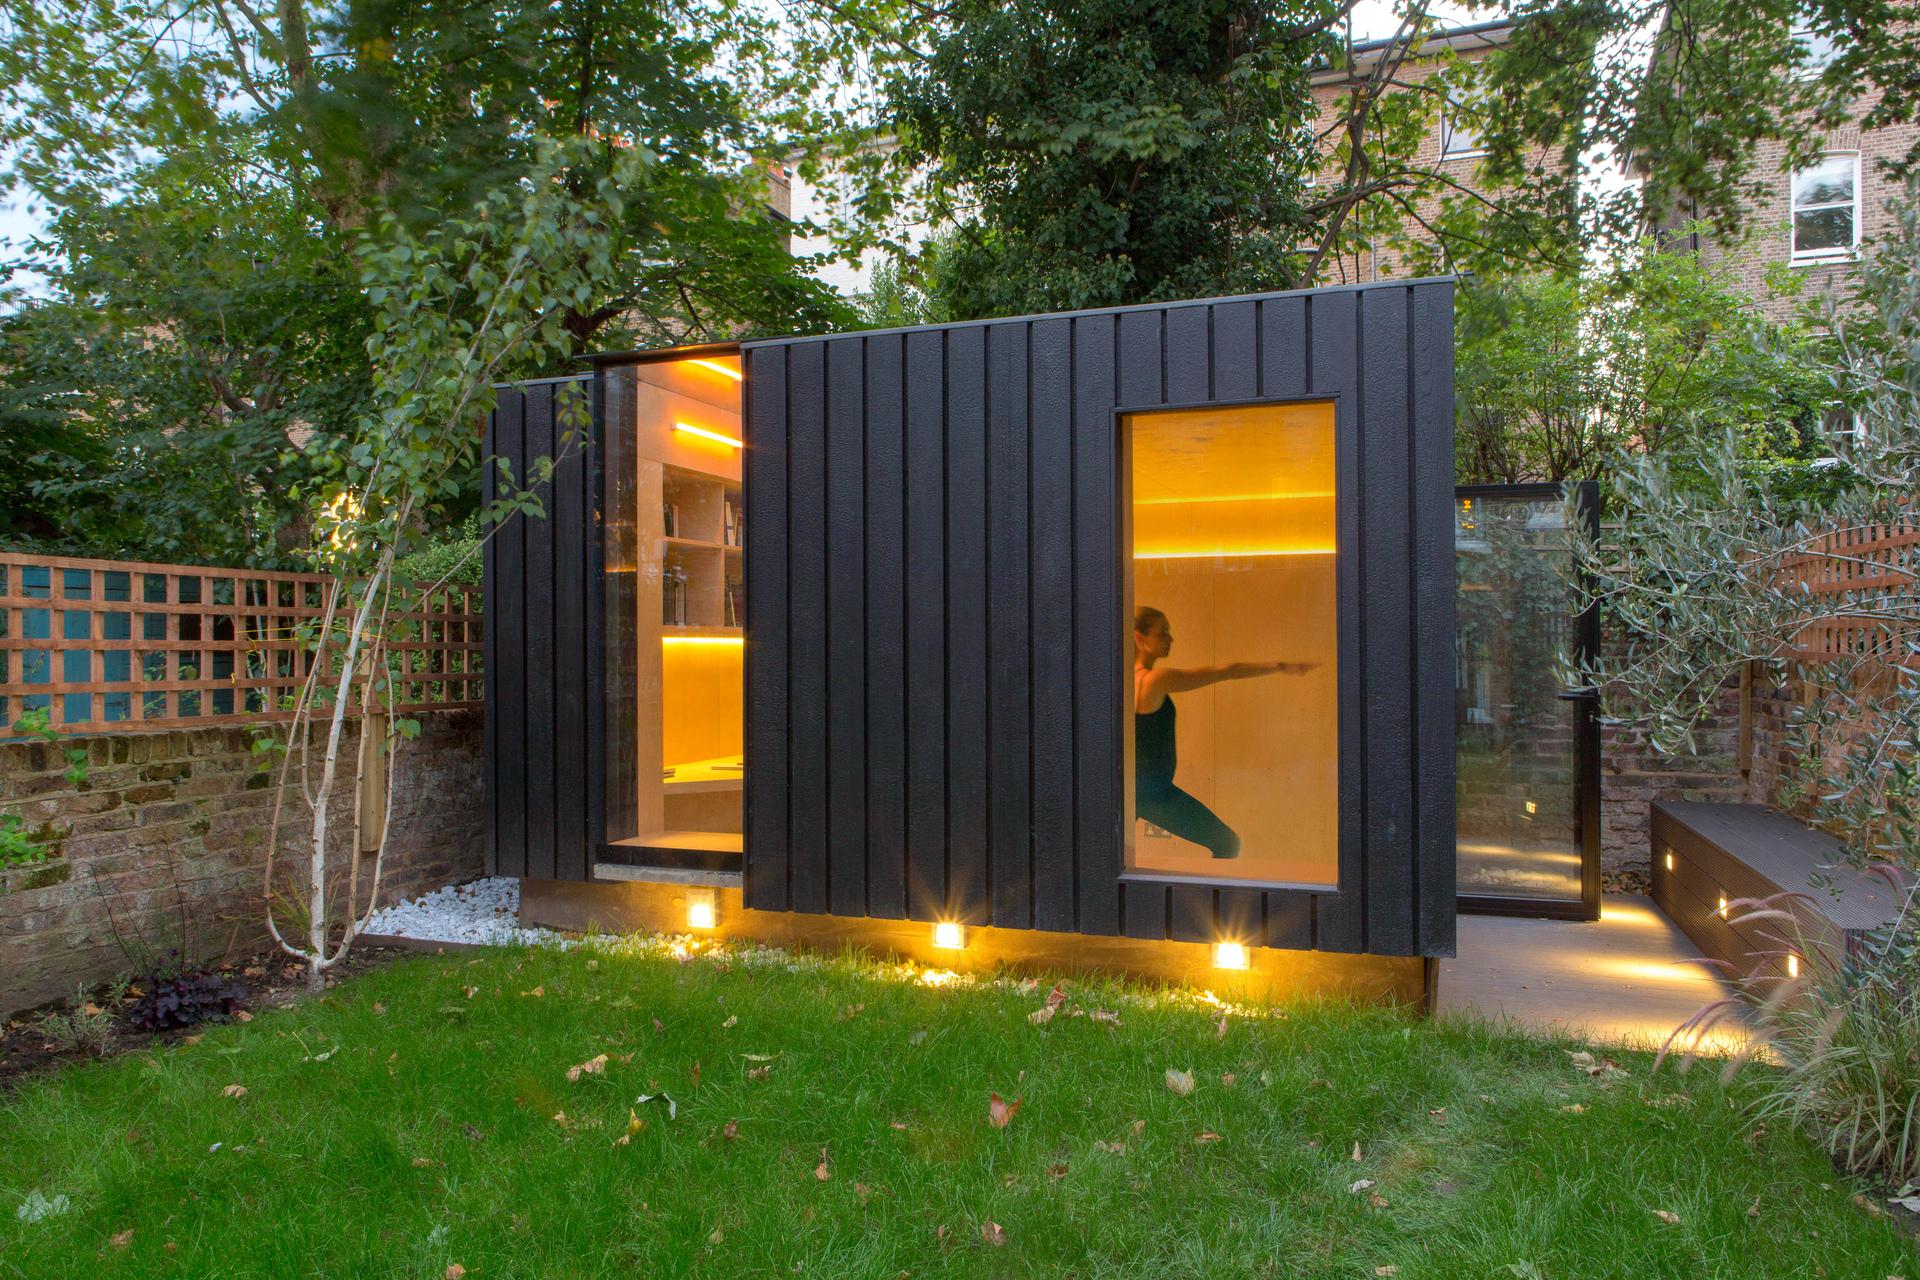 さり気ない心遣いがちりばめられた、庭の木陰に佇むヨガ・スタジオ